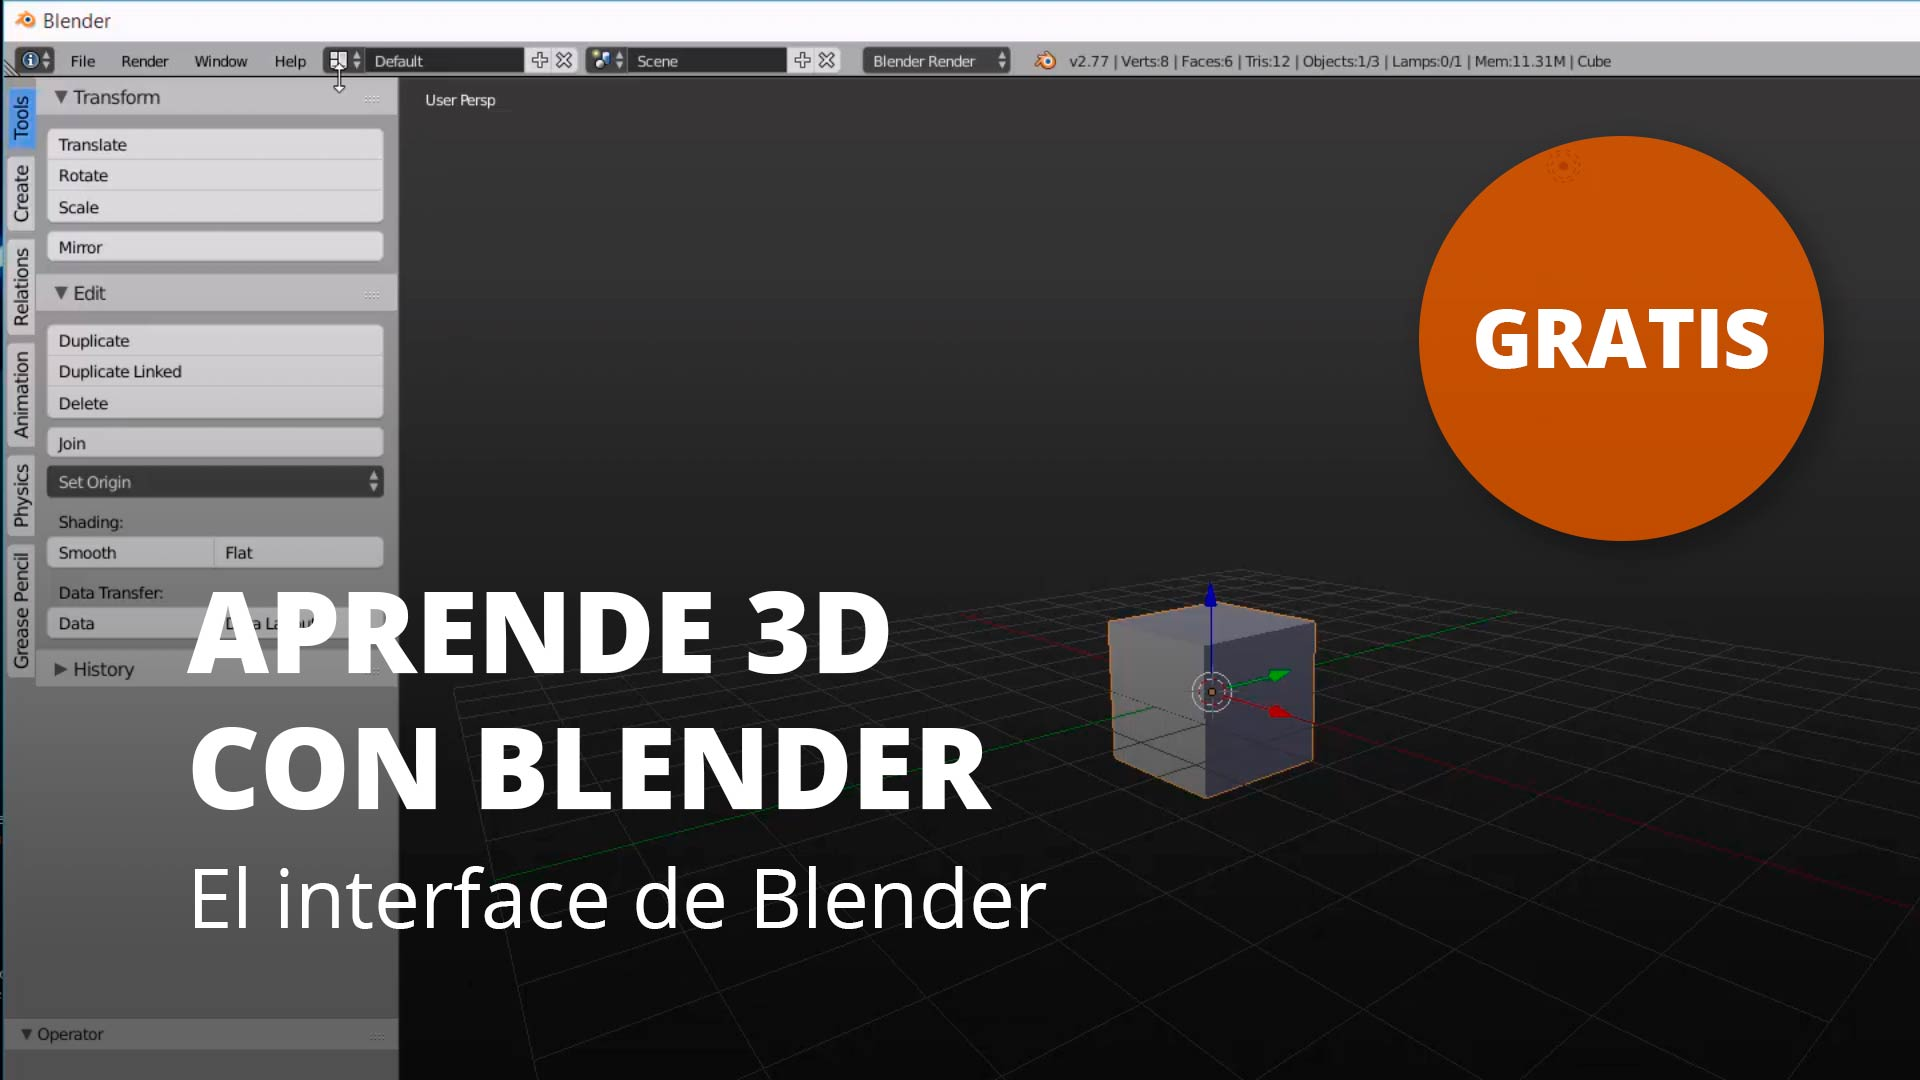 Aprende 3D con Blender. El interface de Blender